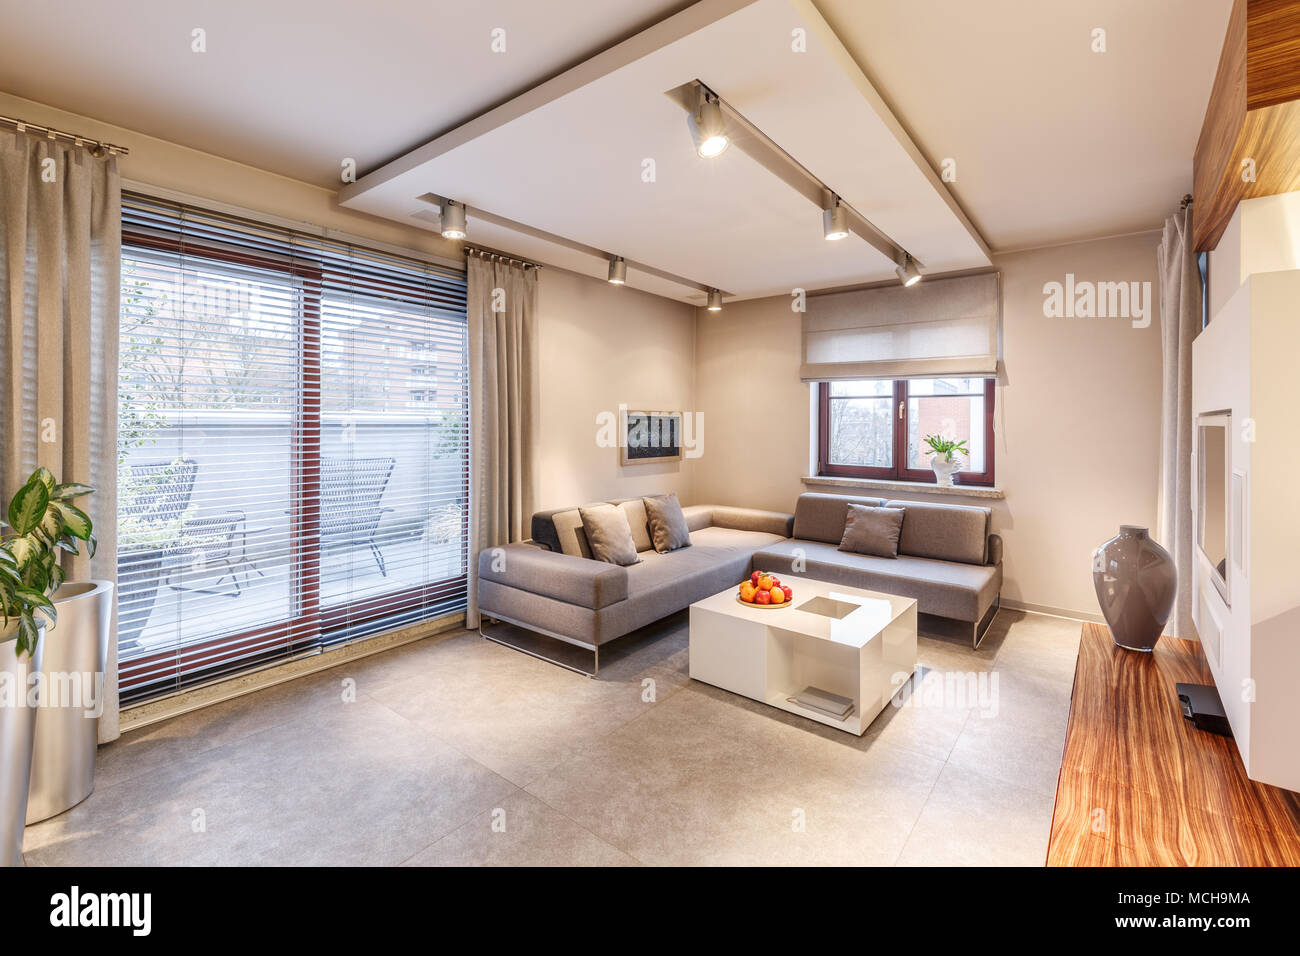 Geraumige Braun Wohnzimmer Mit Sofa Tisch Beleuchtung Grosse